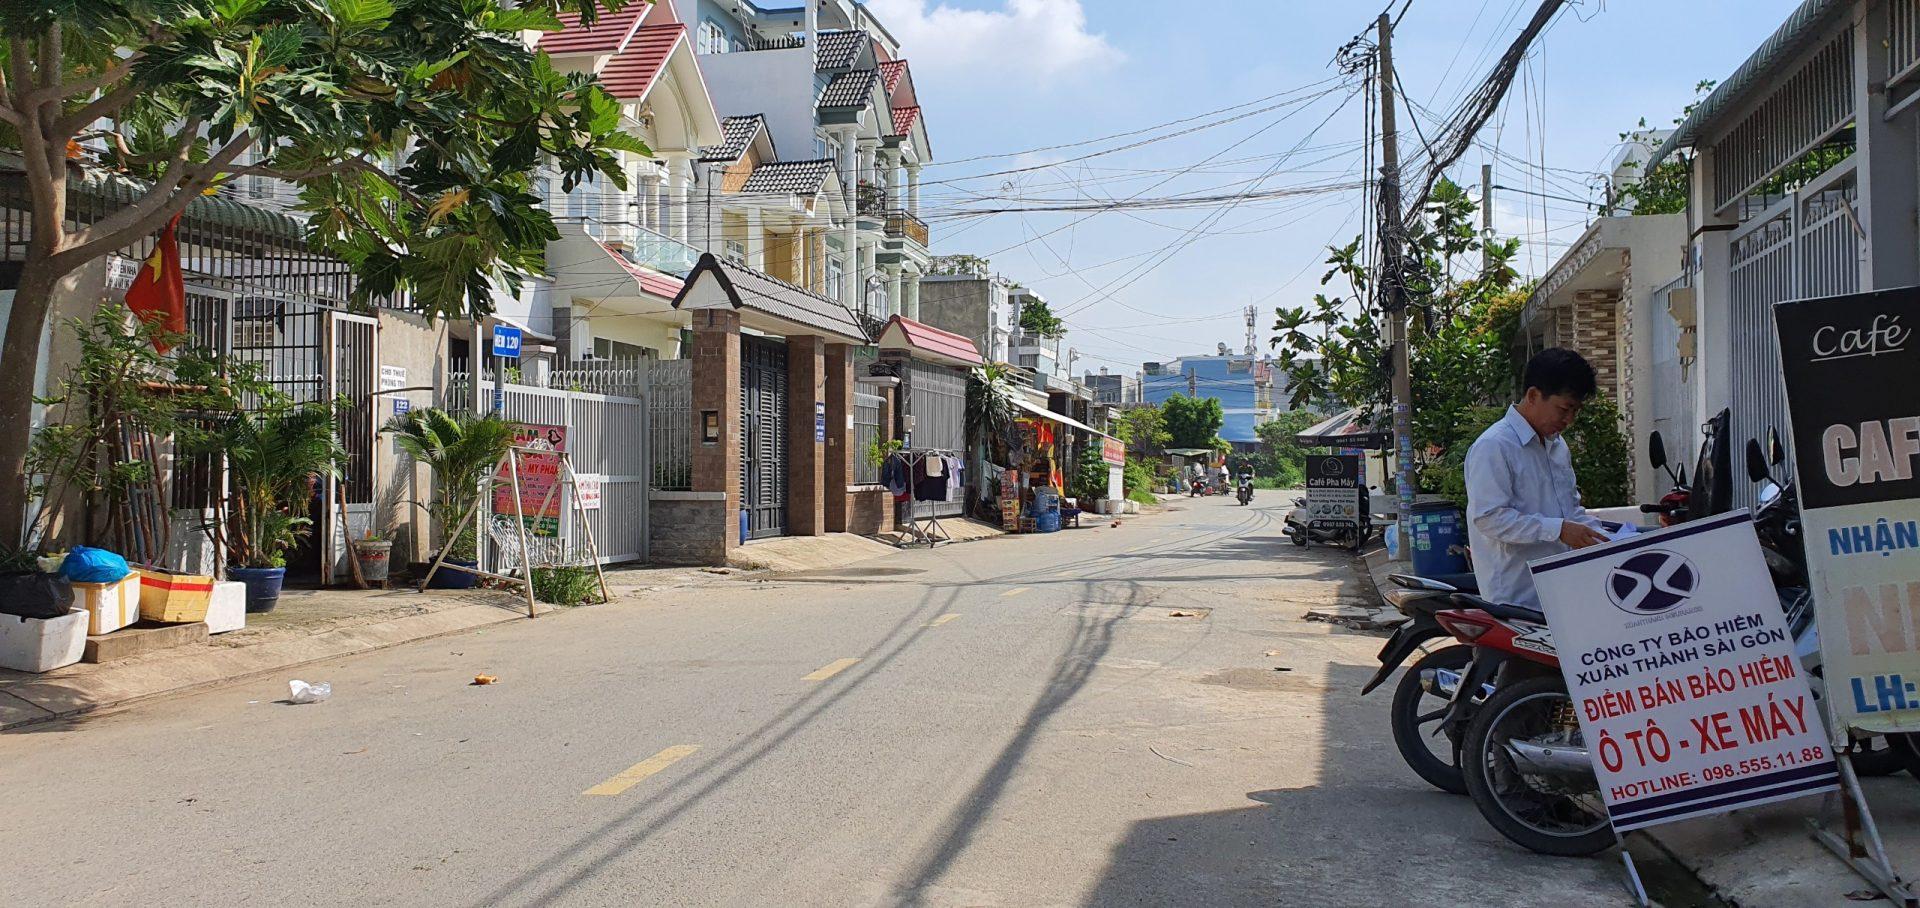 Nhà Mặt Tiền Quận 9,Ngay Đường P Tăng Nhơn Phú A . DT 124m2 Giá 6.2 tỷ